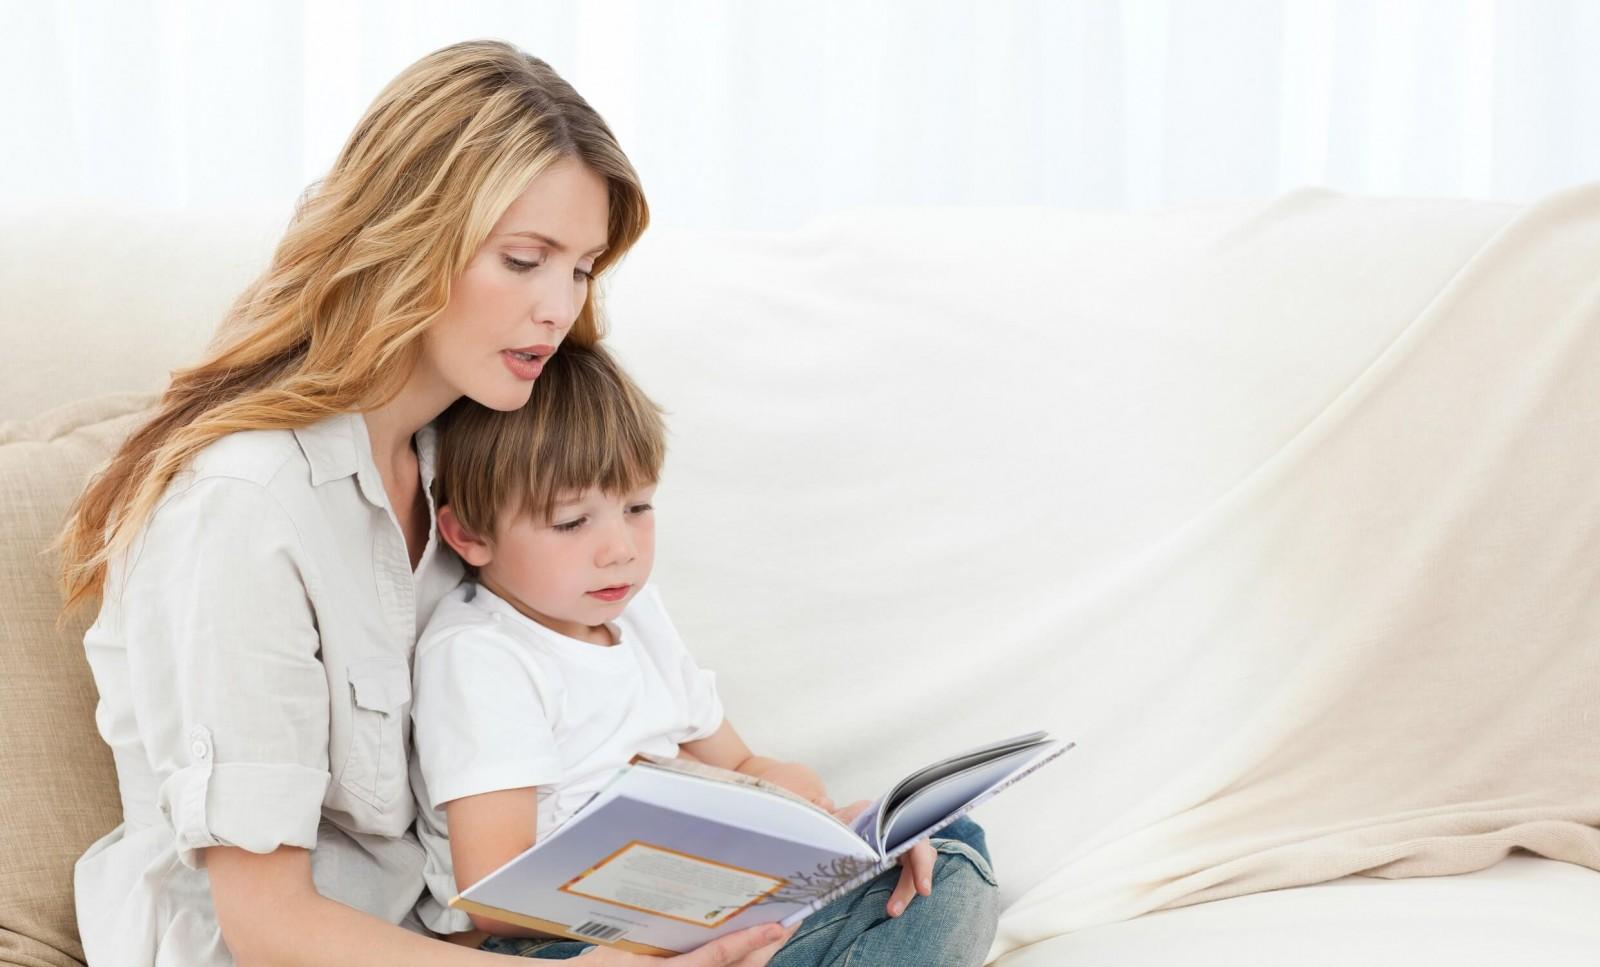 Огляд книжок для дітей 5 років